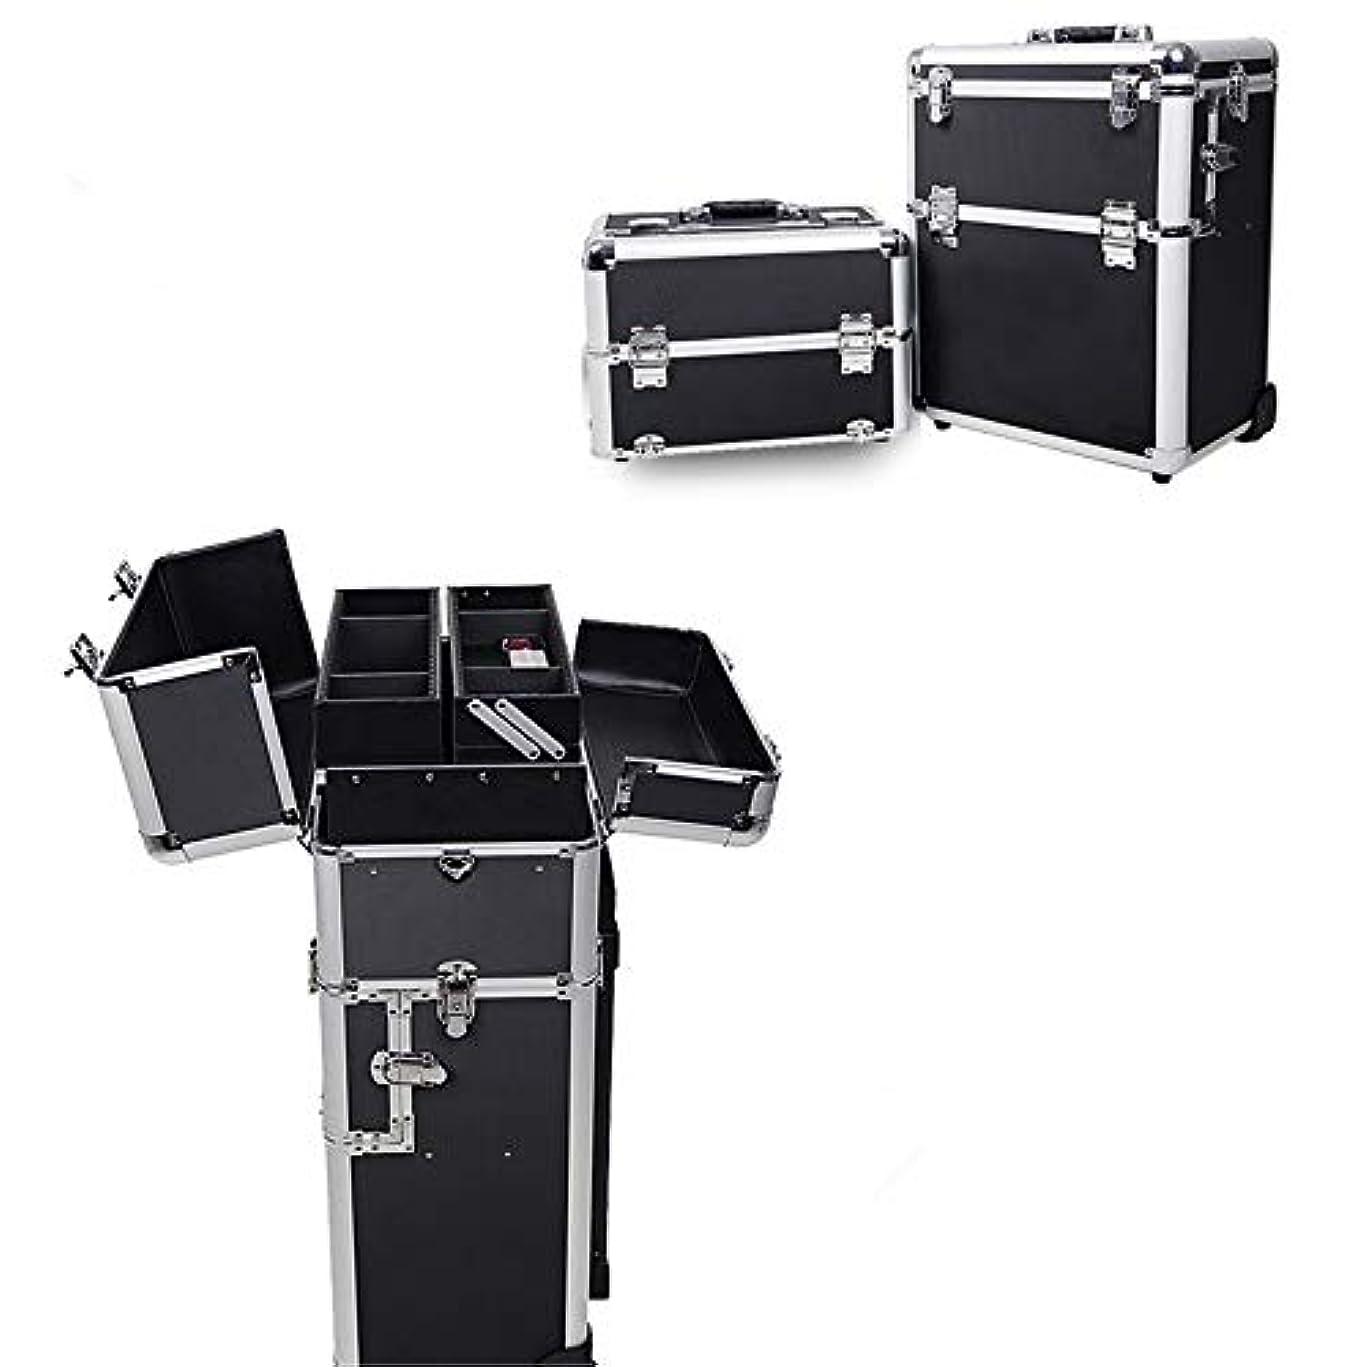 断言する寝室帆化粧オーガナイザーバッグ 旅行メイクバッグ3層スーツケースメイク化粧品バッグポータブルトイレタージュ化粧ケース 化粧品ケース